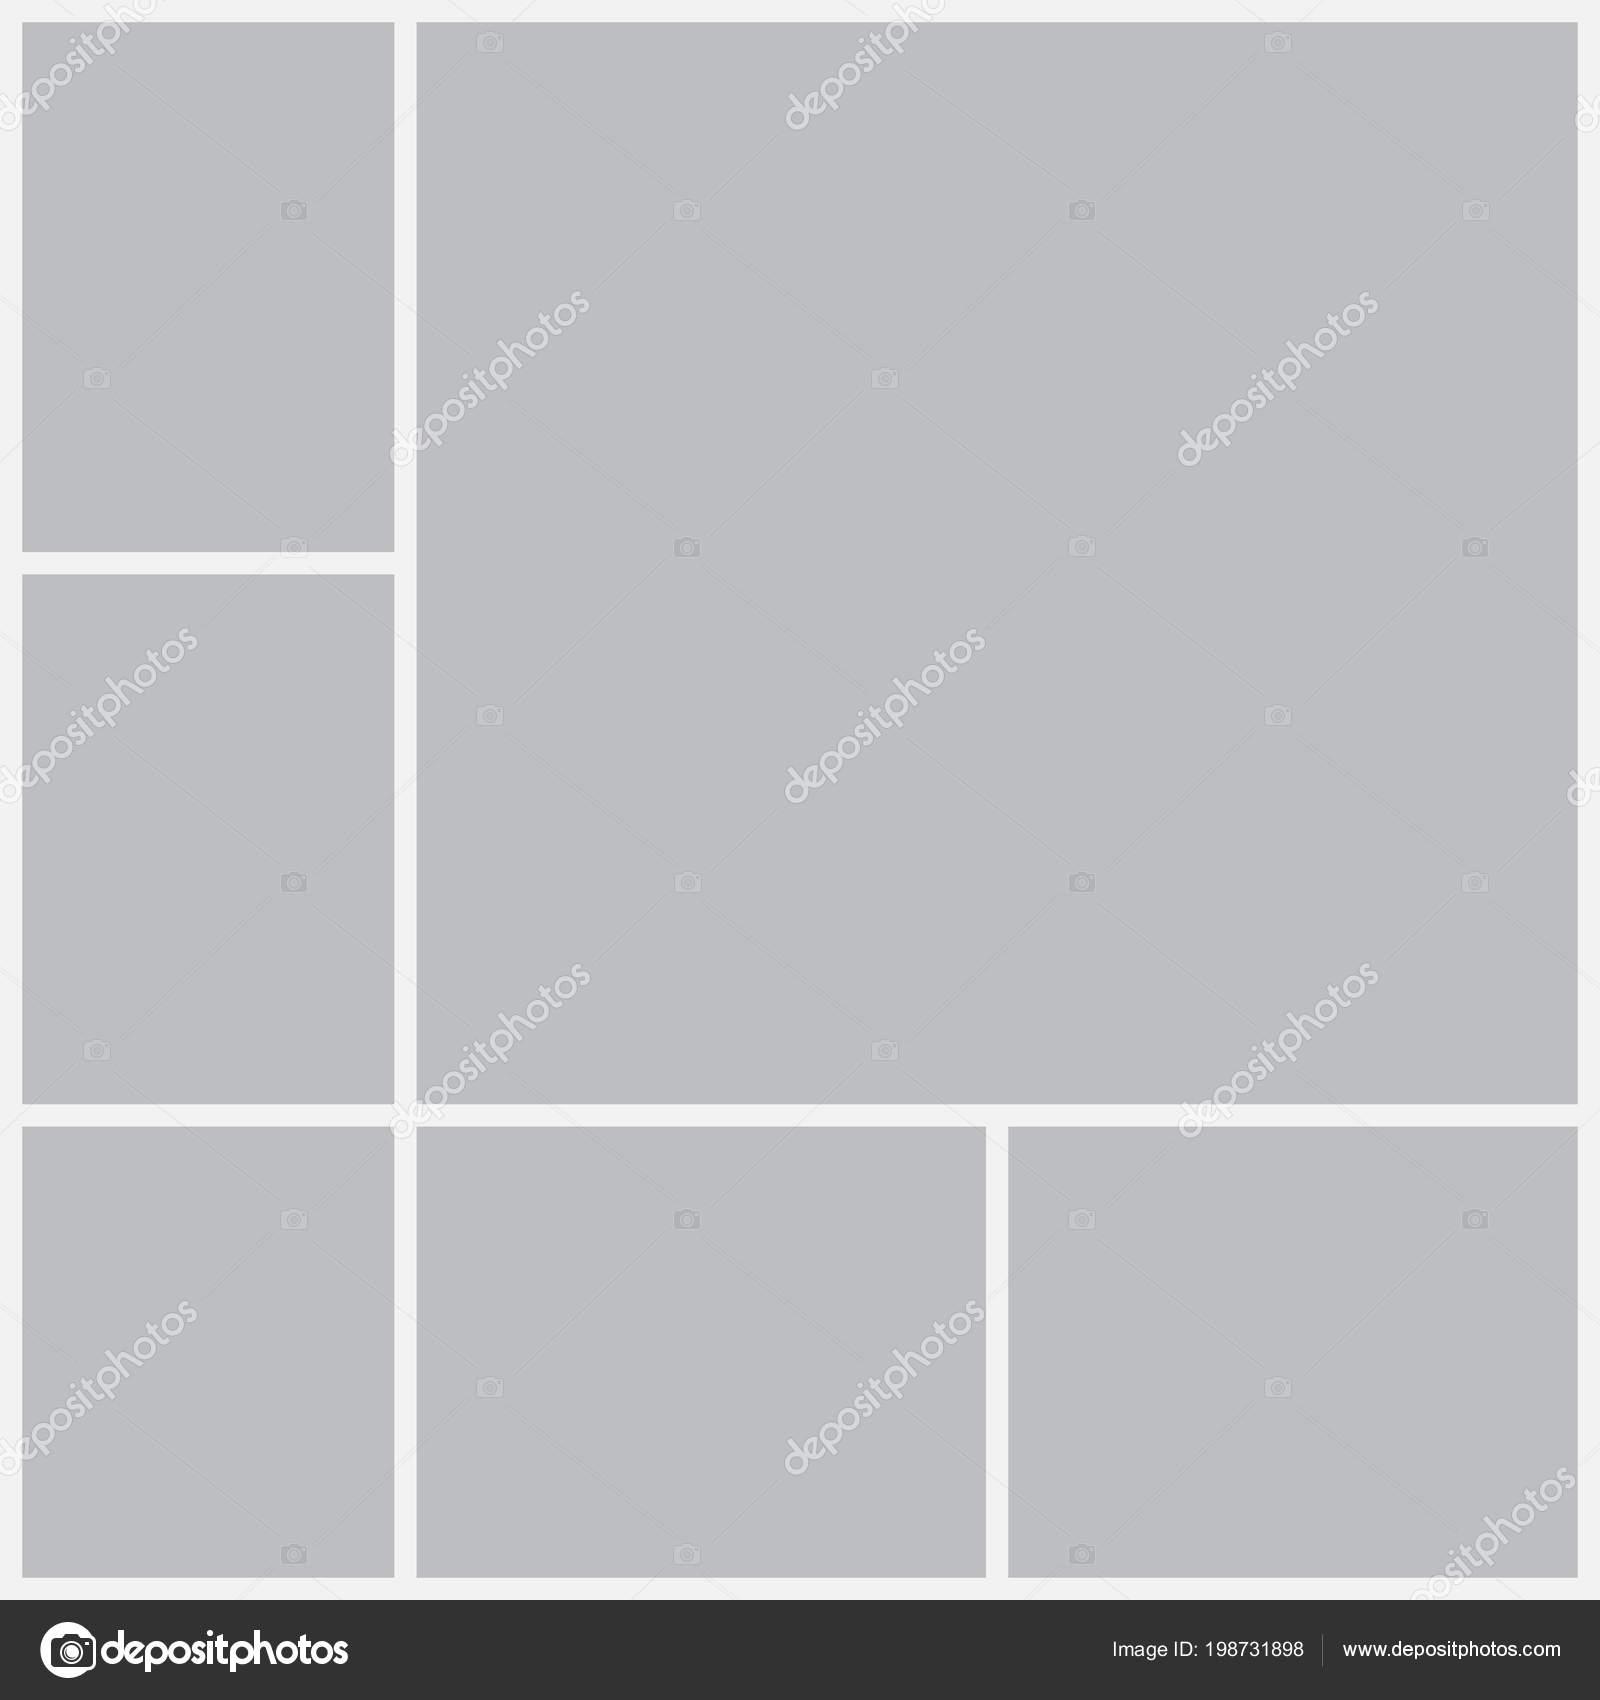 Vorlagen collage Rahmen für Fotos oder Illustrationen — Stockvektor ...